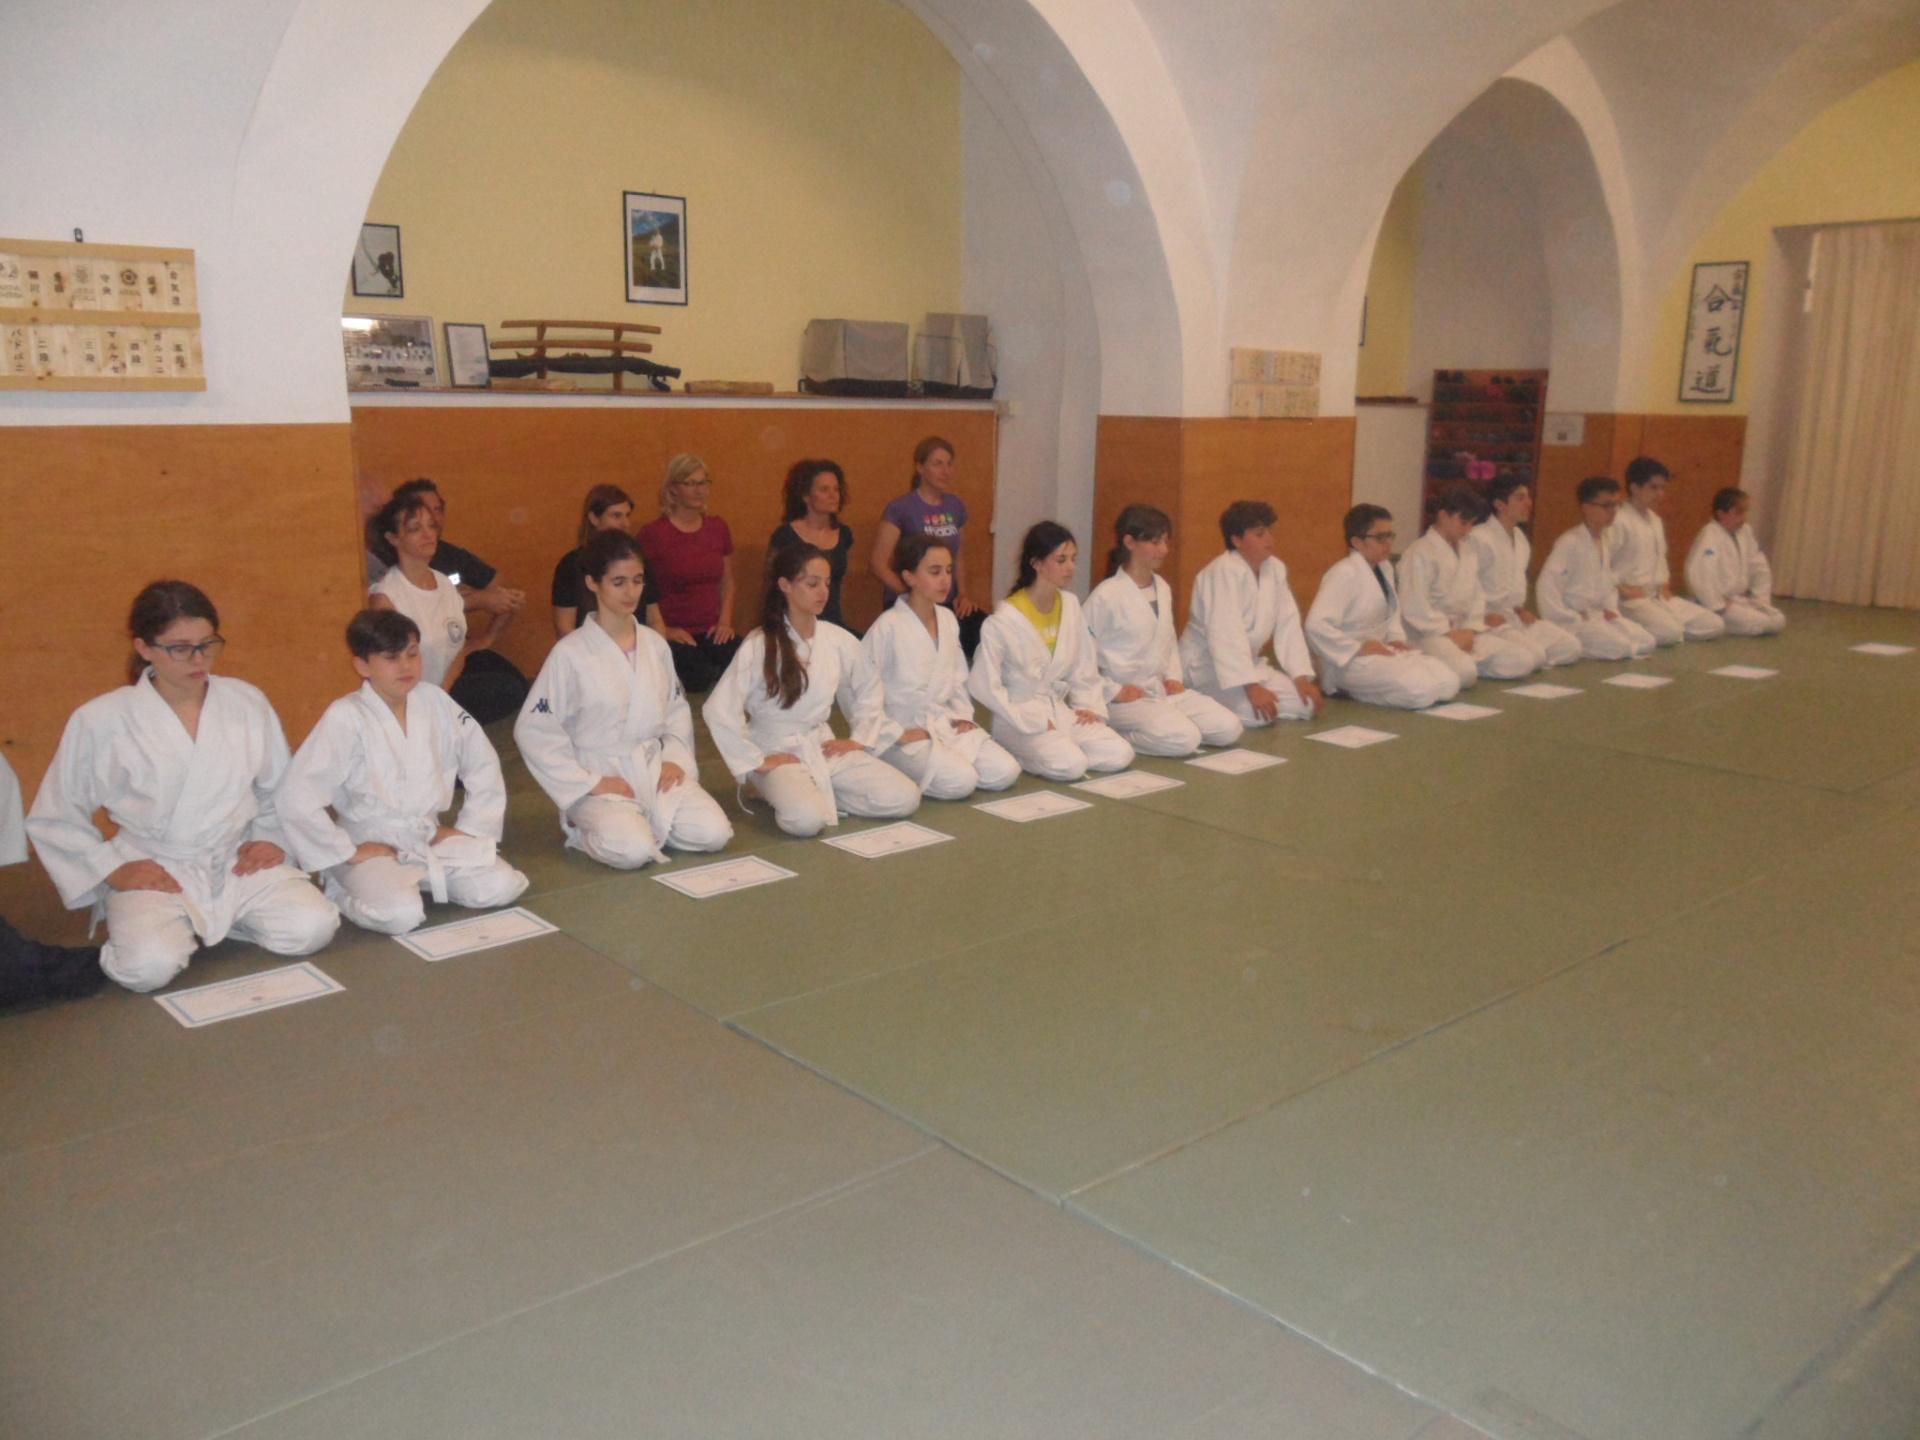 I nostri giovani samurai...<br><br>